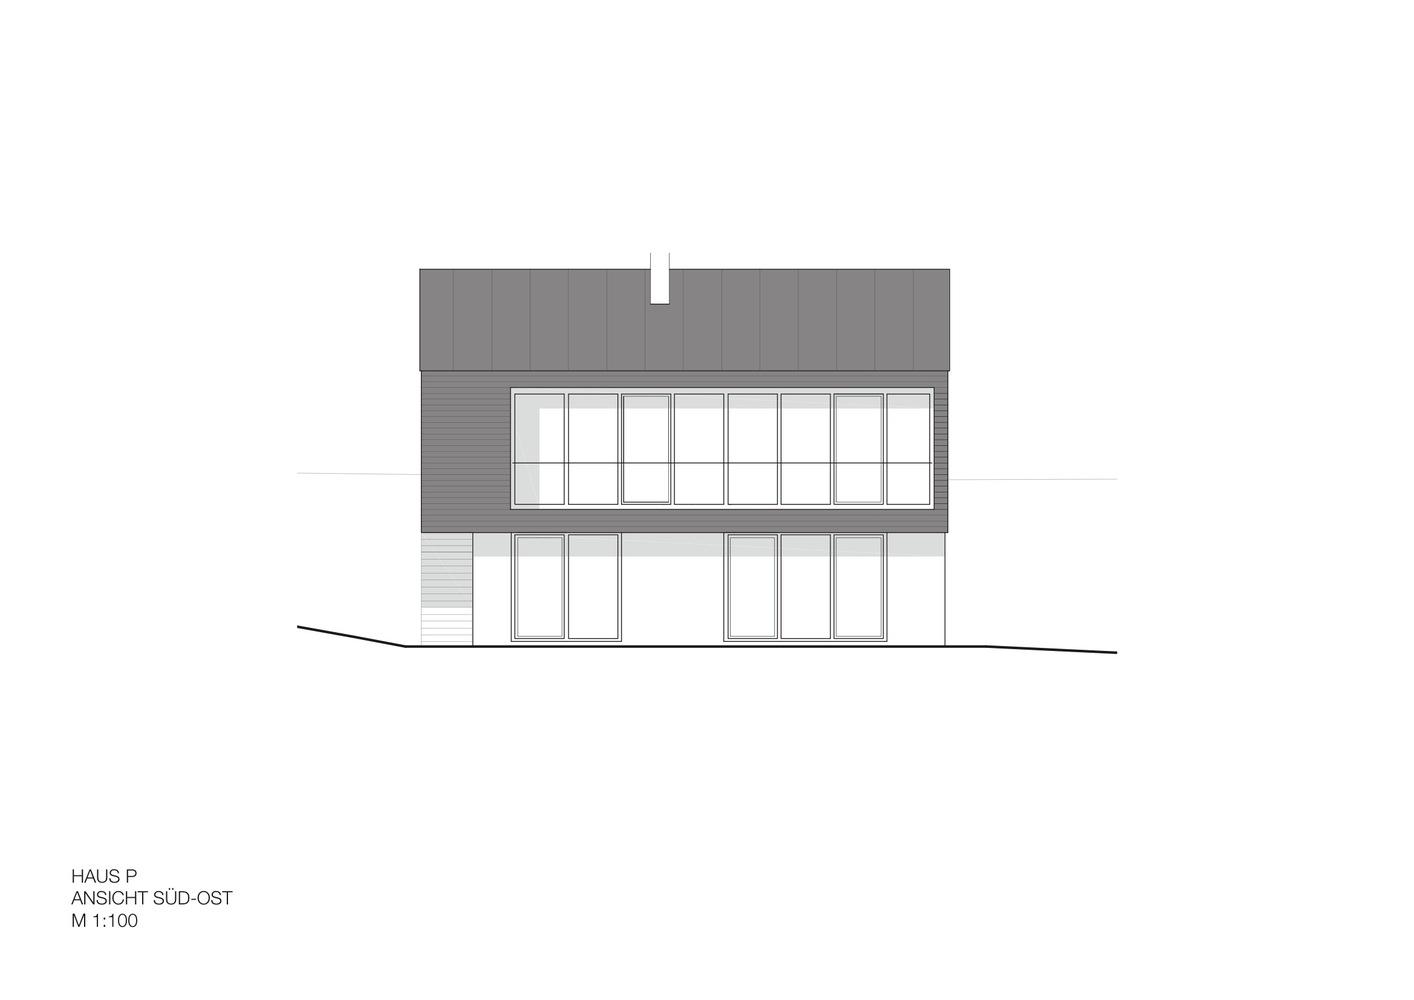 Gallery of house p yonder architektur und design 1 for Architektur und design zeitschrift